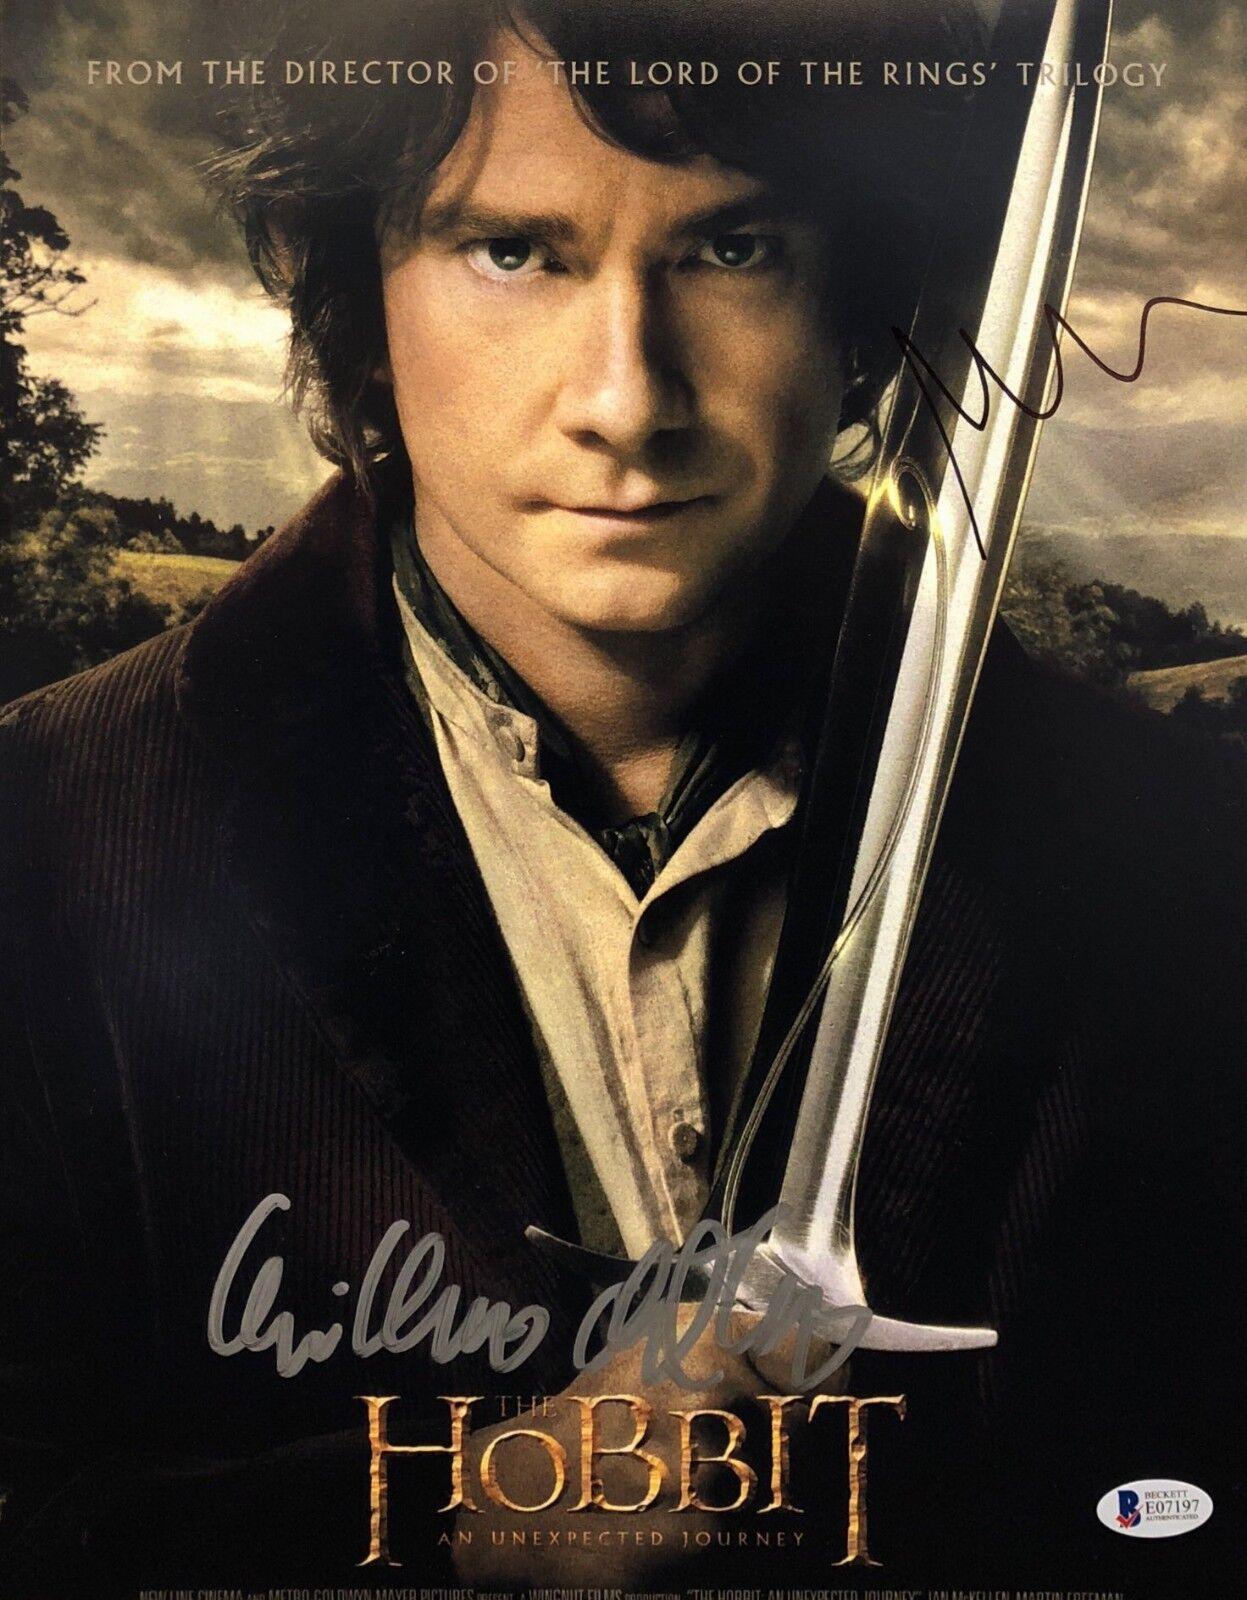 Guillermo Del Toro & Martin Freeman Signed 'The Hobbit' 11x14 Photo BAS E07197